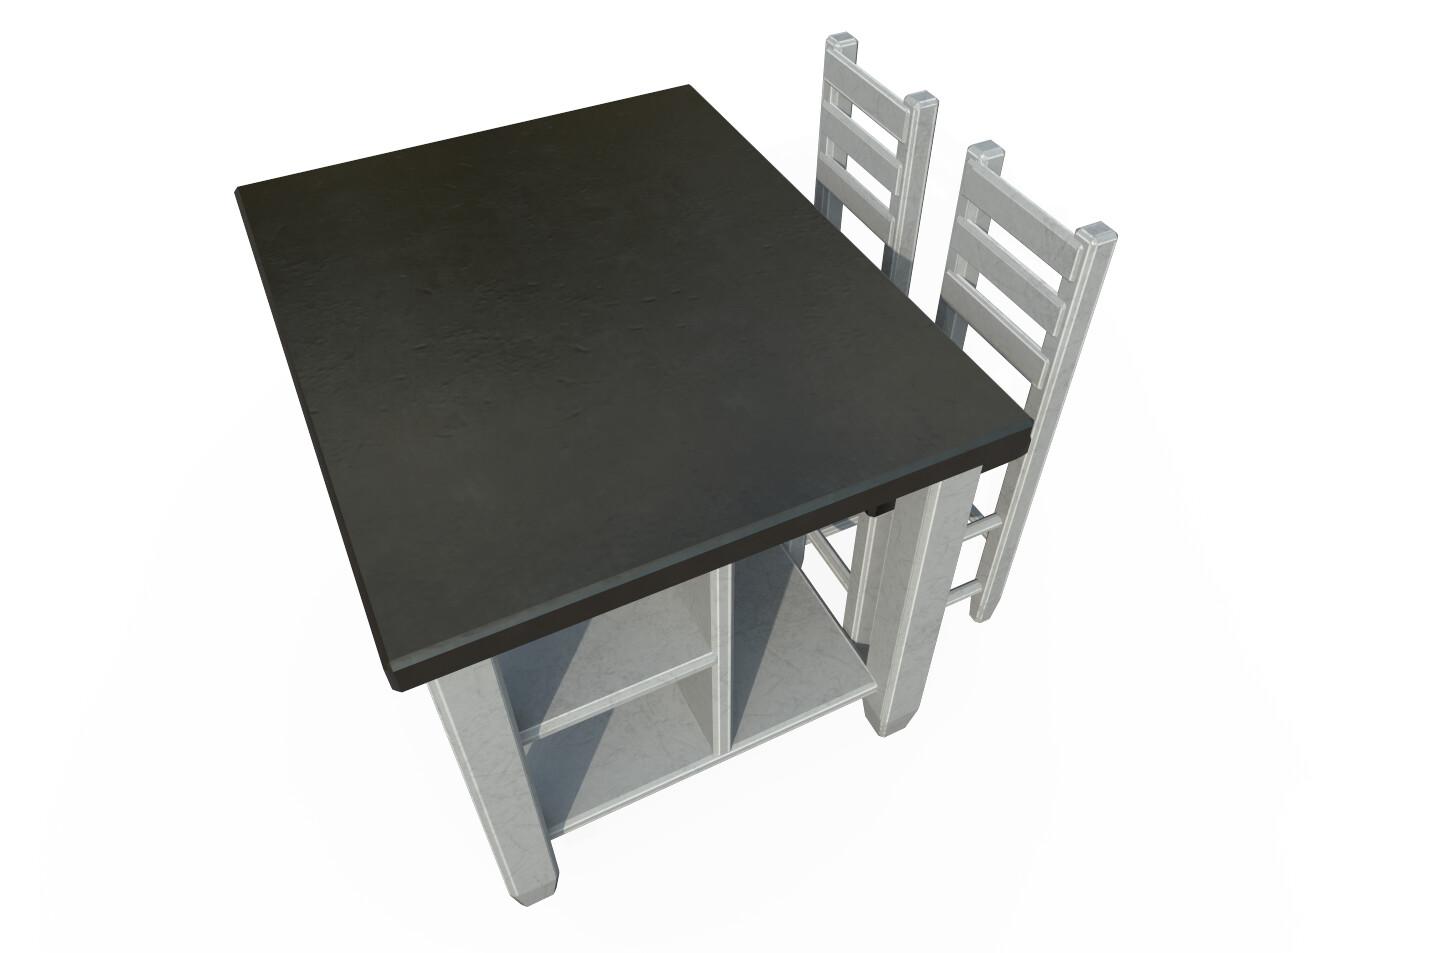 Joseph moniz breakfasttable001f